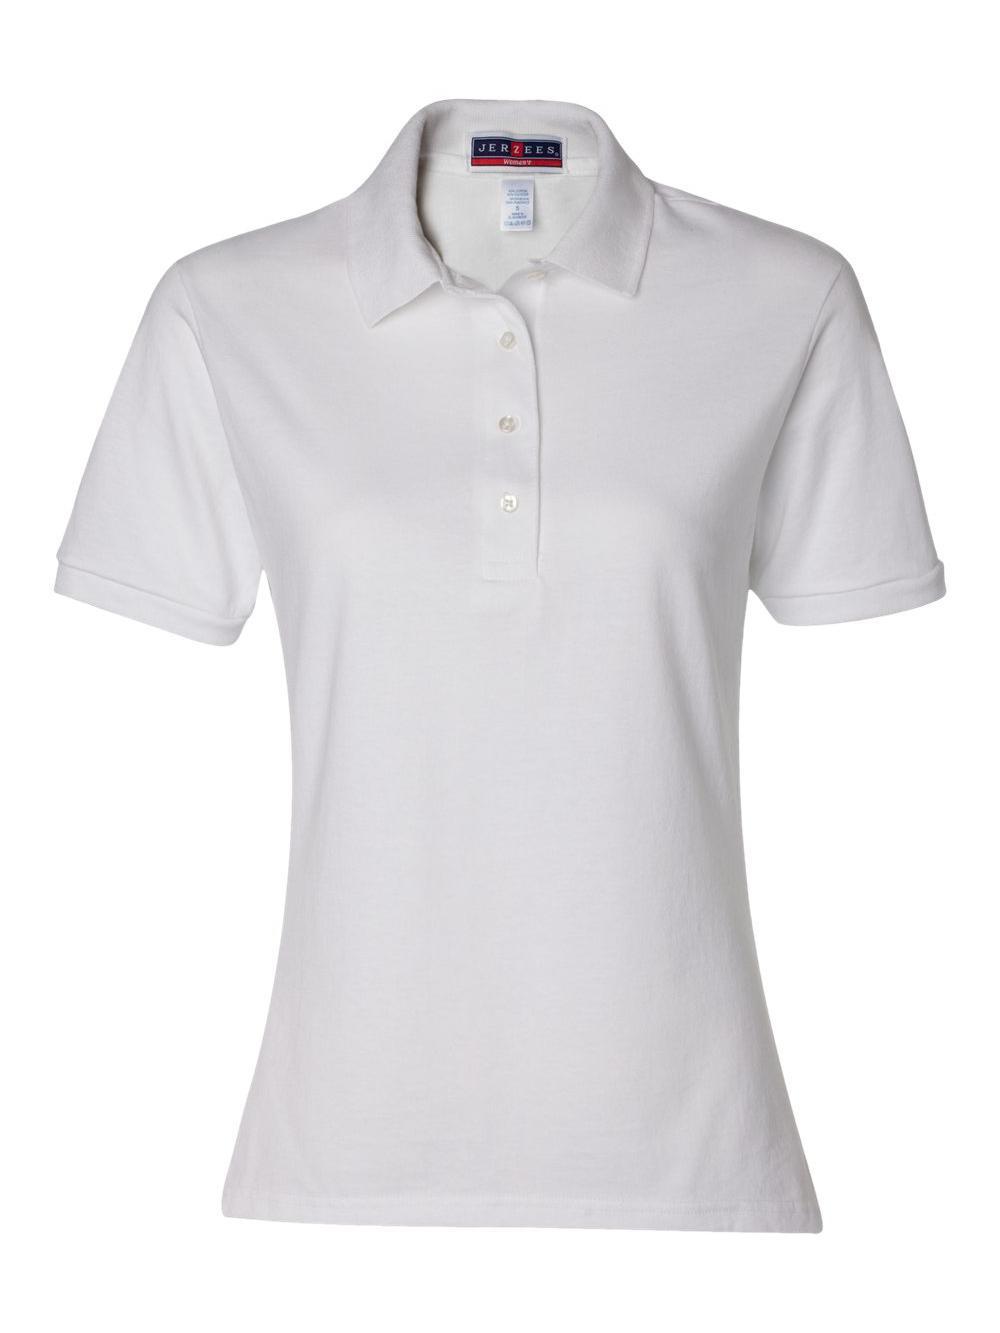 Jerzees-Women-039-s-Spotshield-50-50-Sport-Shirt-437WR thumbnail 36